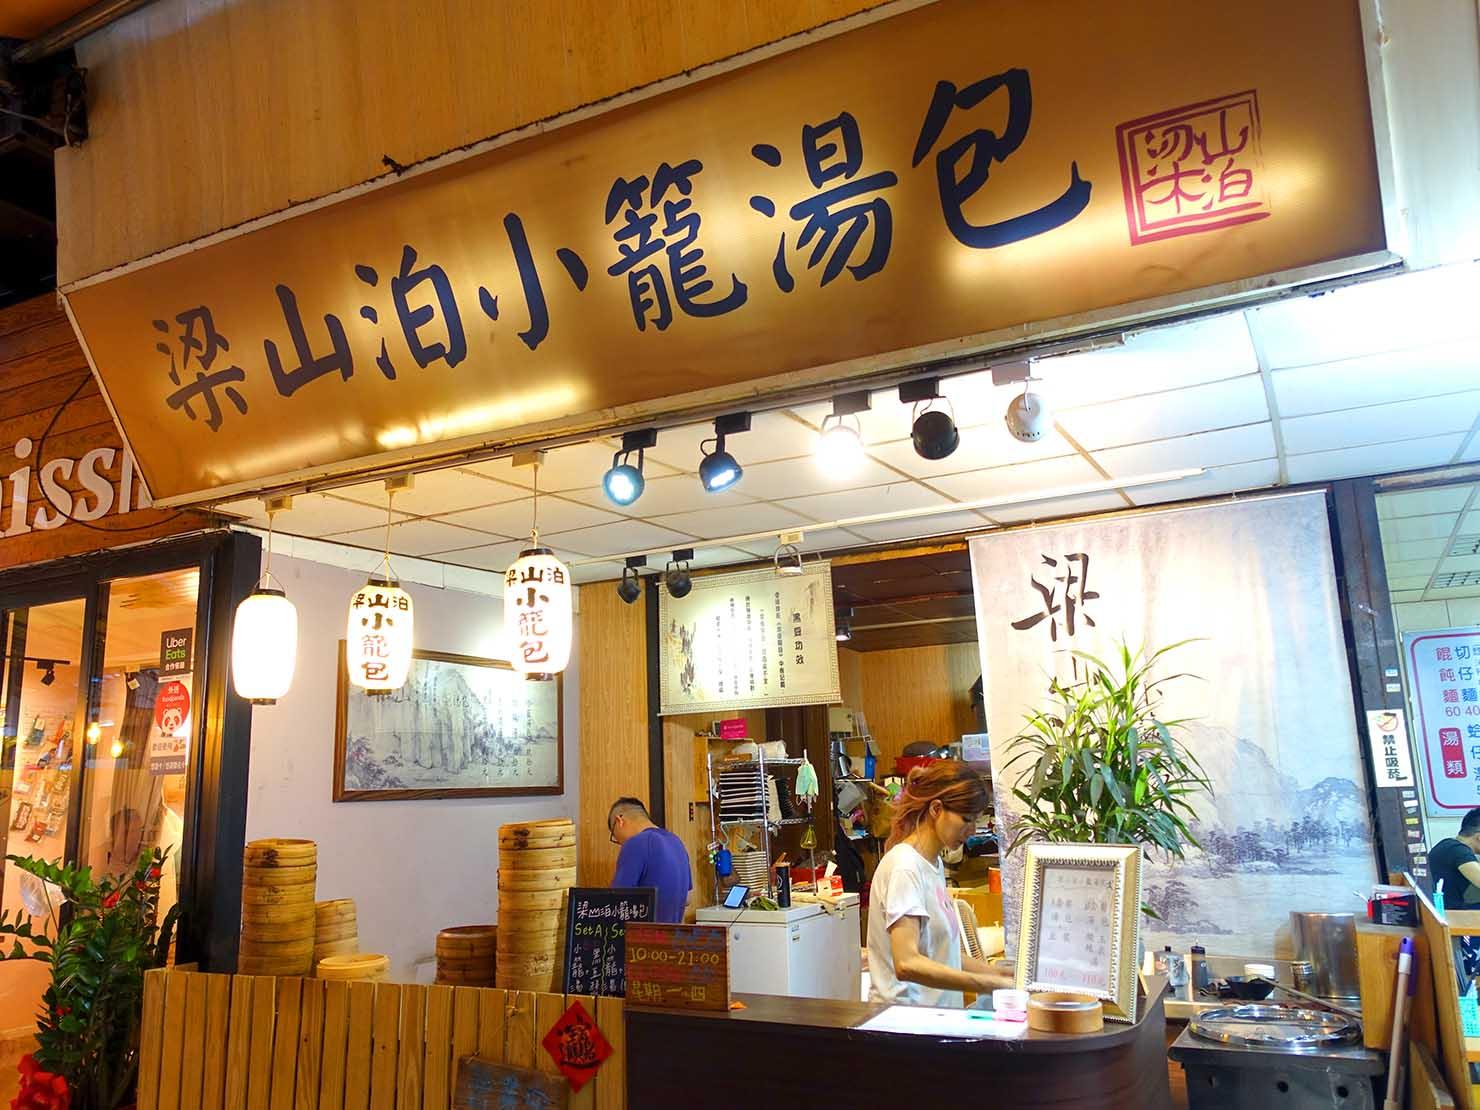 台北・西門町のおすすめグルメ店「梁山泊小籠湯包」の外観